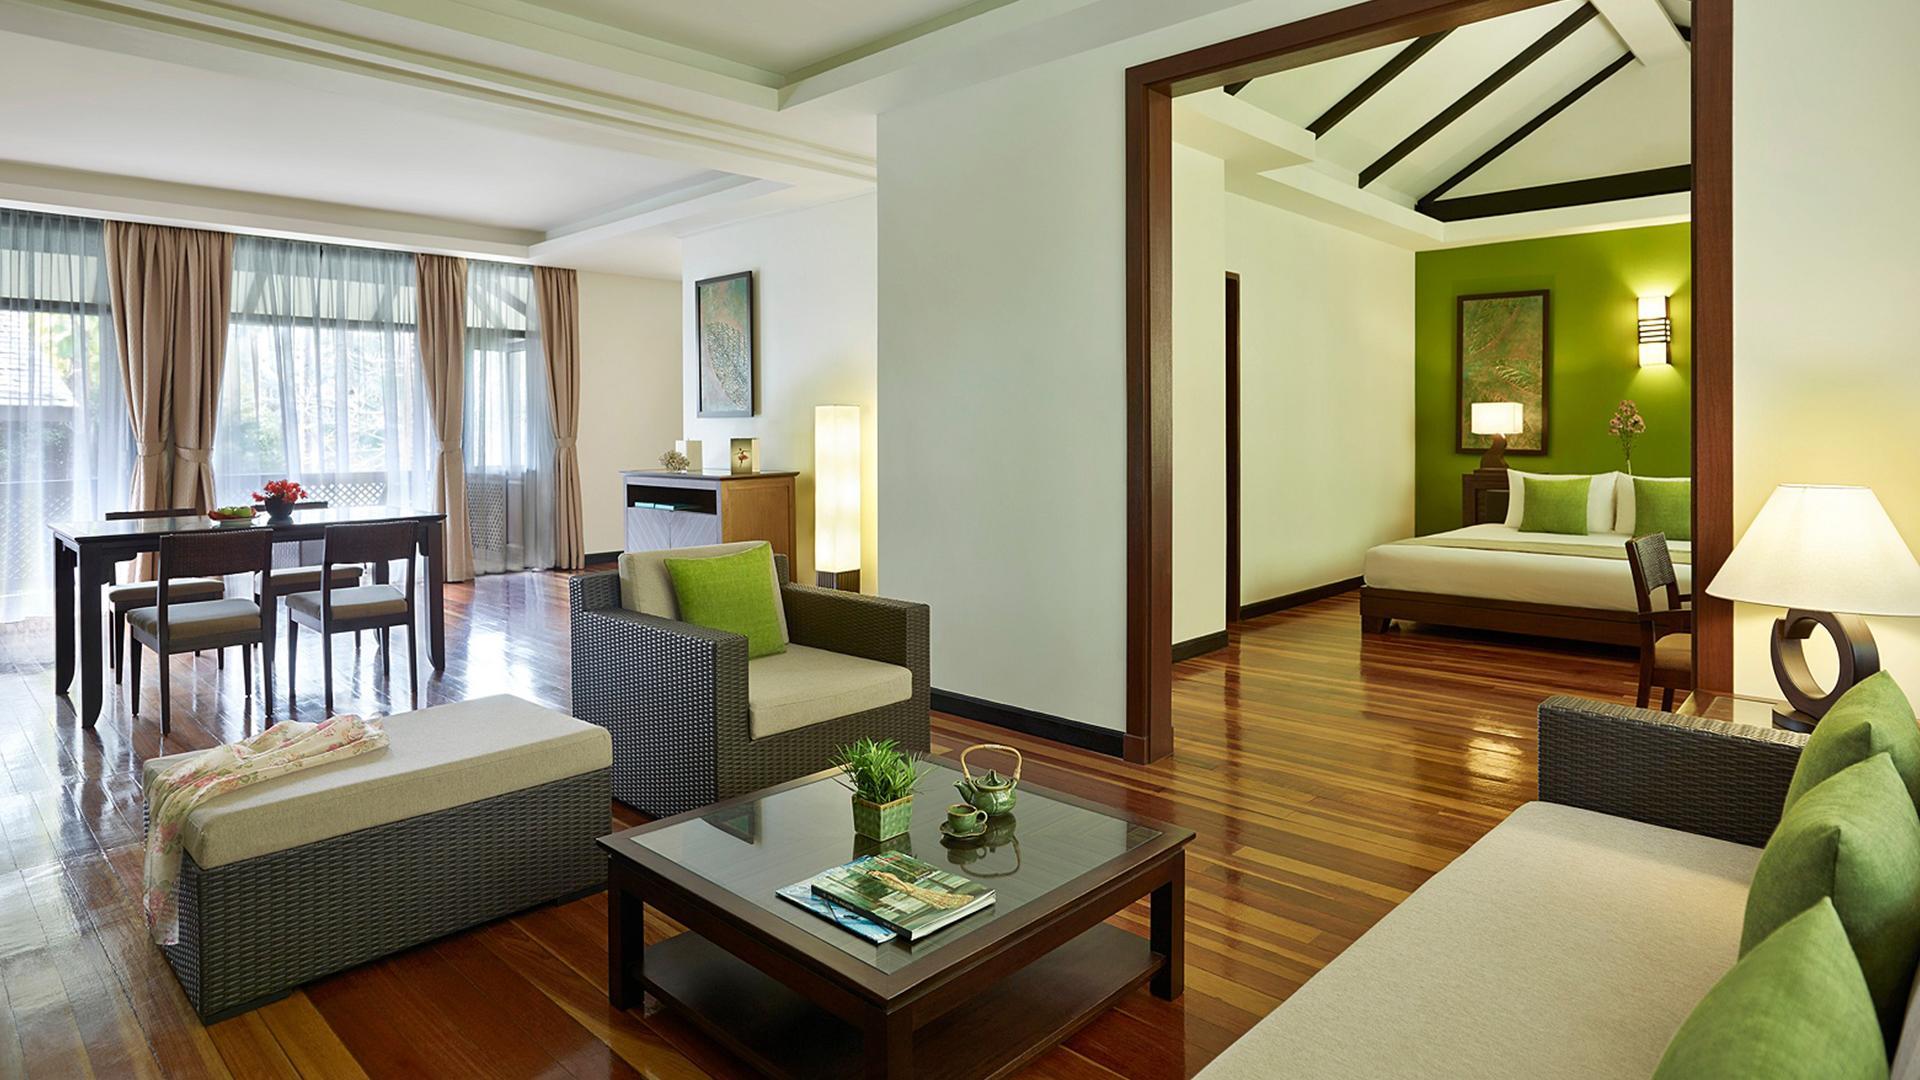 Premium Garden-View Suite image 1 at Vivanta Langkawi, Rebak Island by null, Kedah, Malaysia